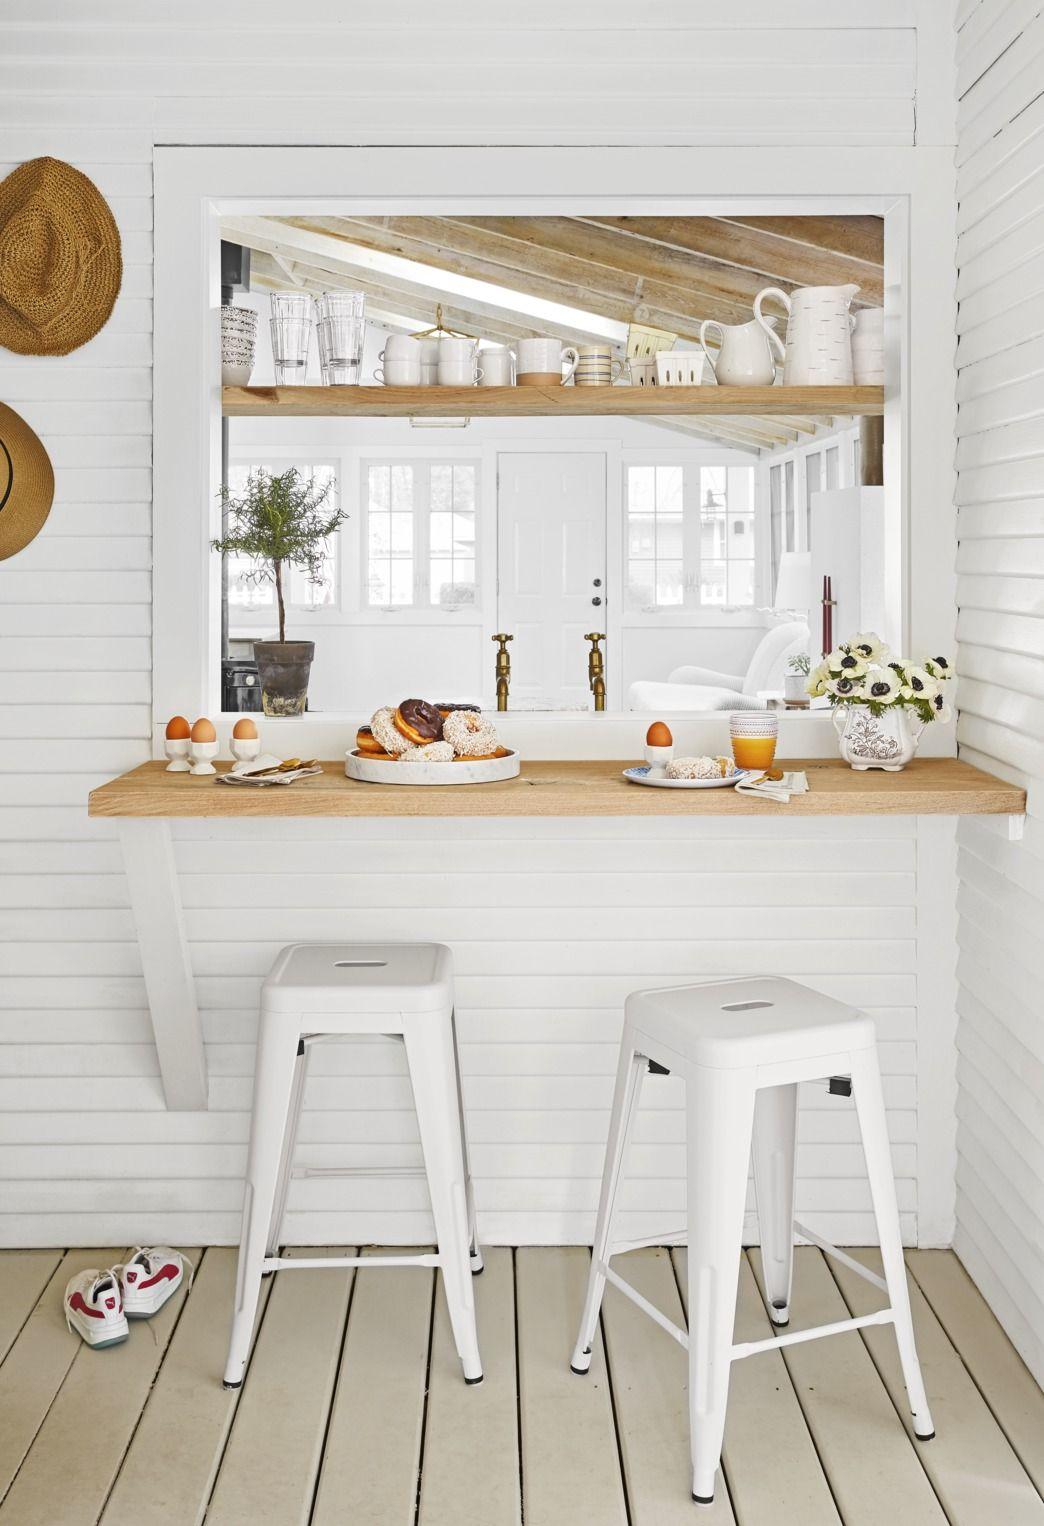 10 Best Breakfast Nook Ideas - How to Design a Kitchen Breakfast Nook